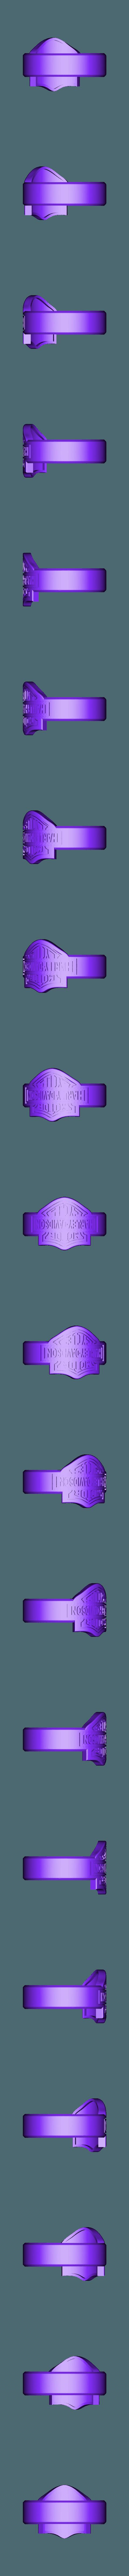 3.stl Télécharger fichier STL gratuit Bague Harley Davidson • Modèle pour imprimante 3D, 3DPrinterFiles